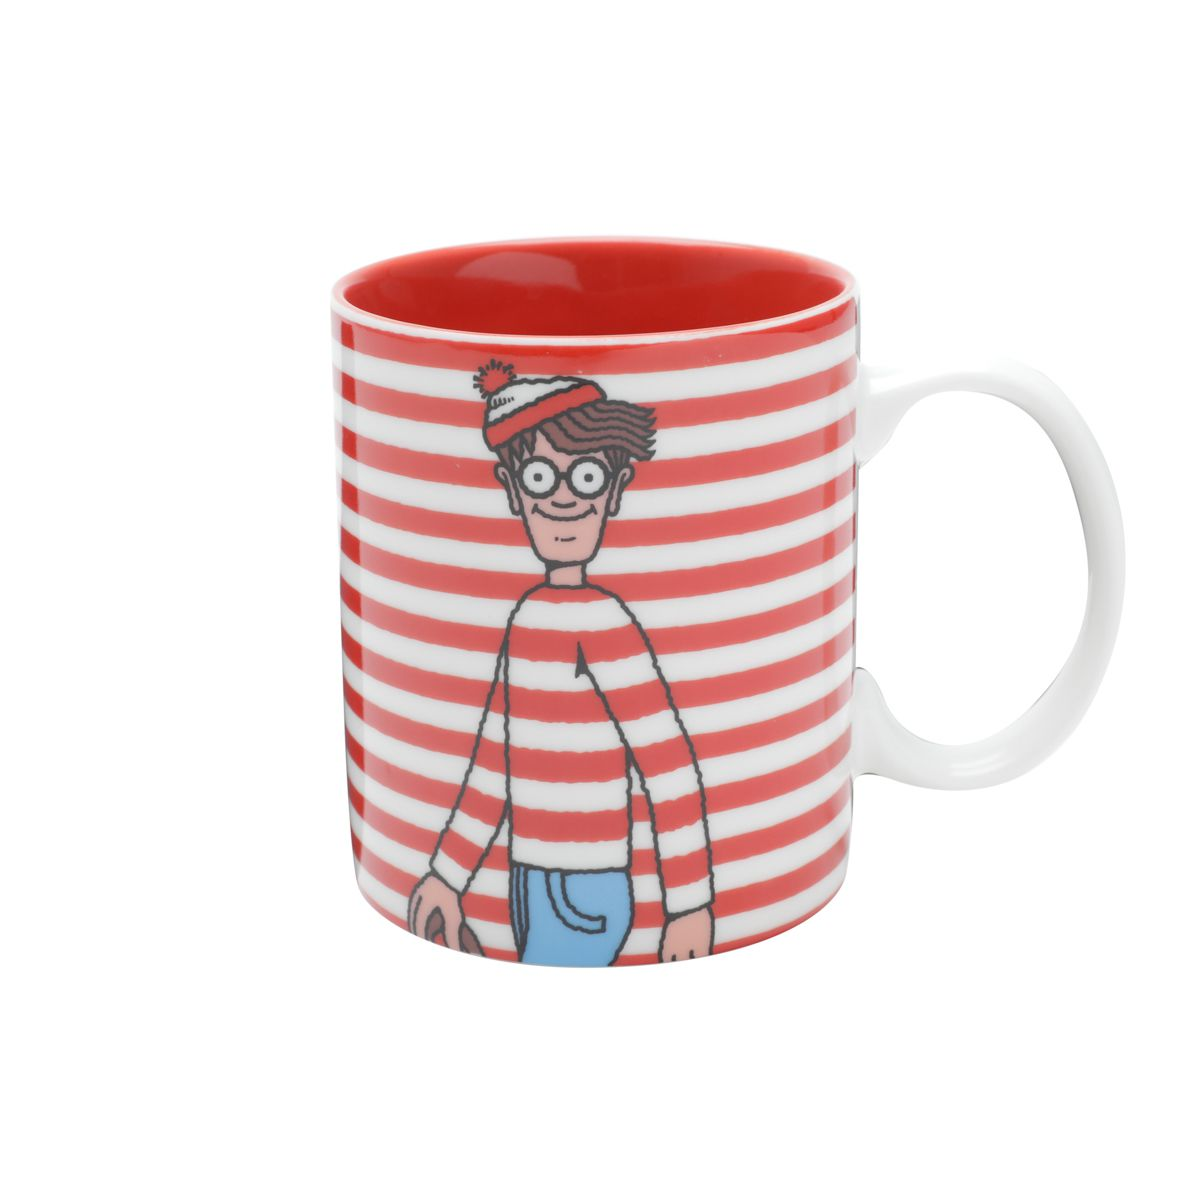 Caneca Wally: Onde Está Wally? 300ml